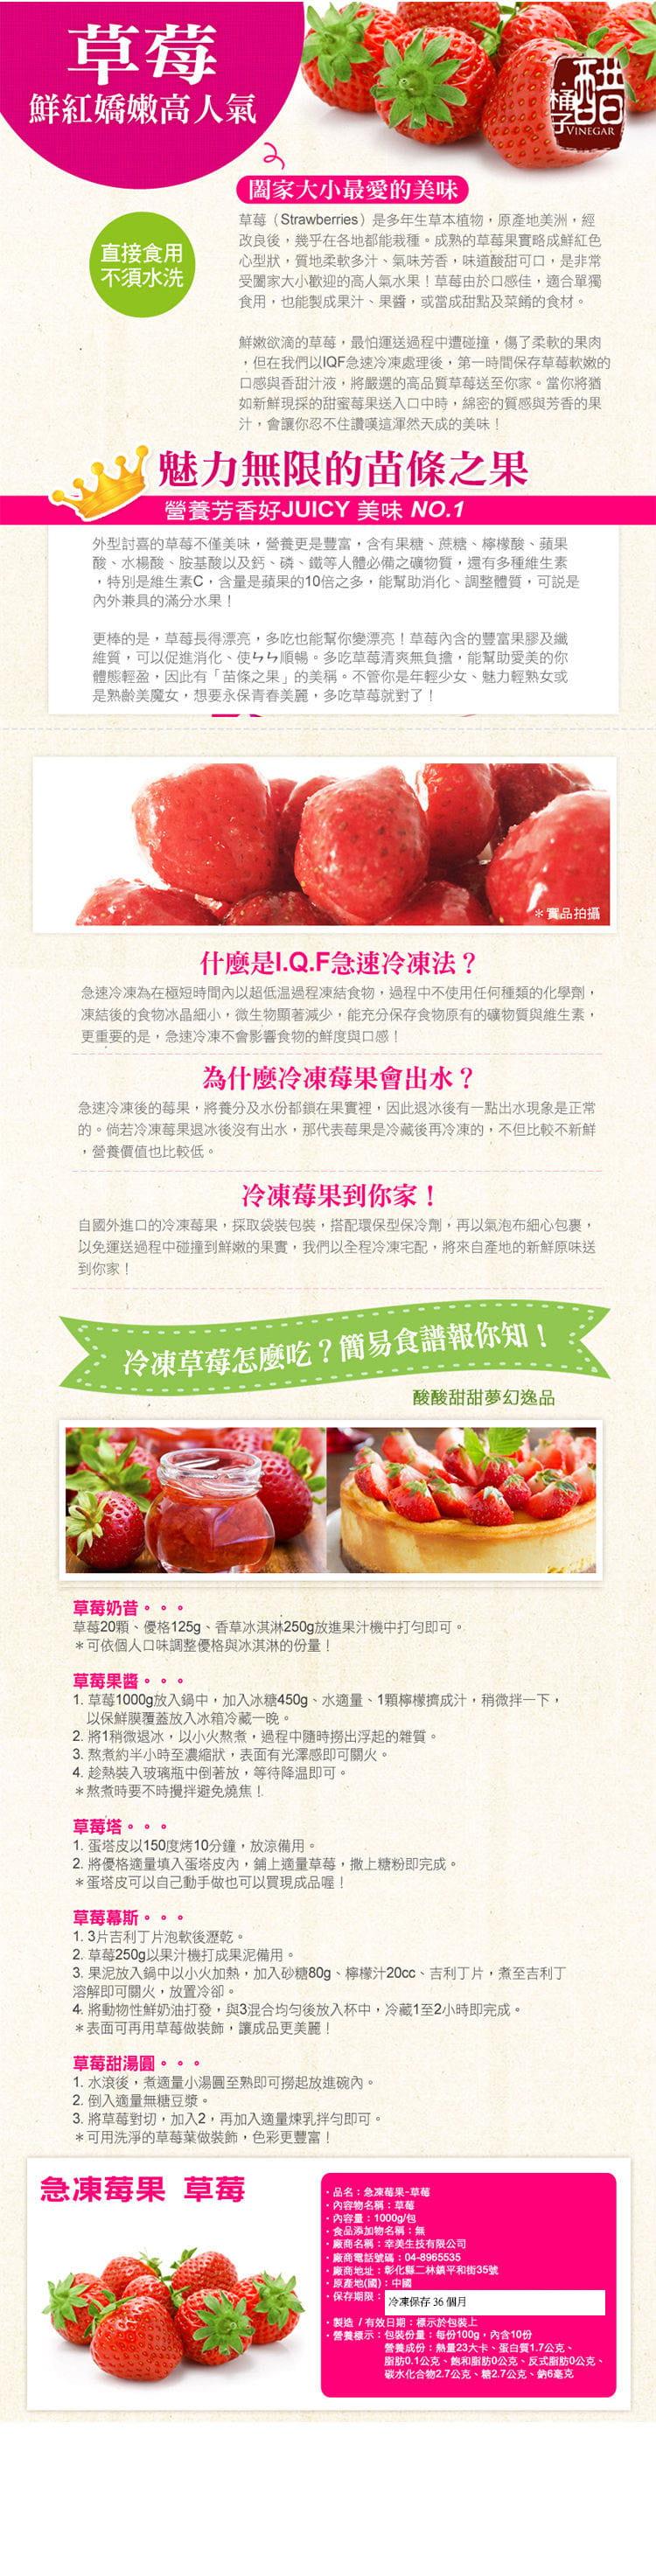 【幸美生技】進口鮮凍花青莓果重量包任選 5